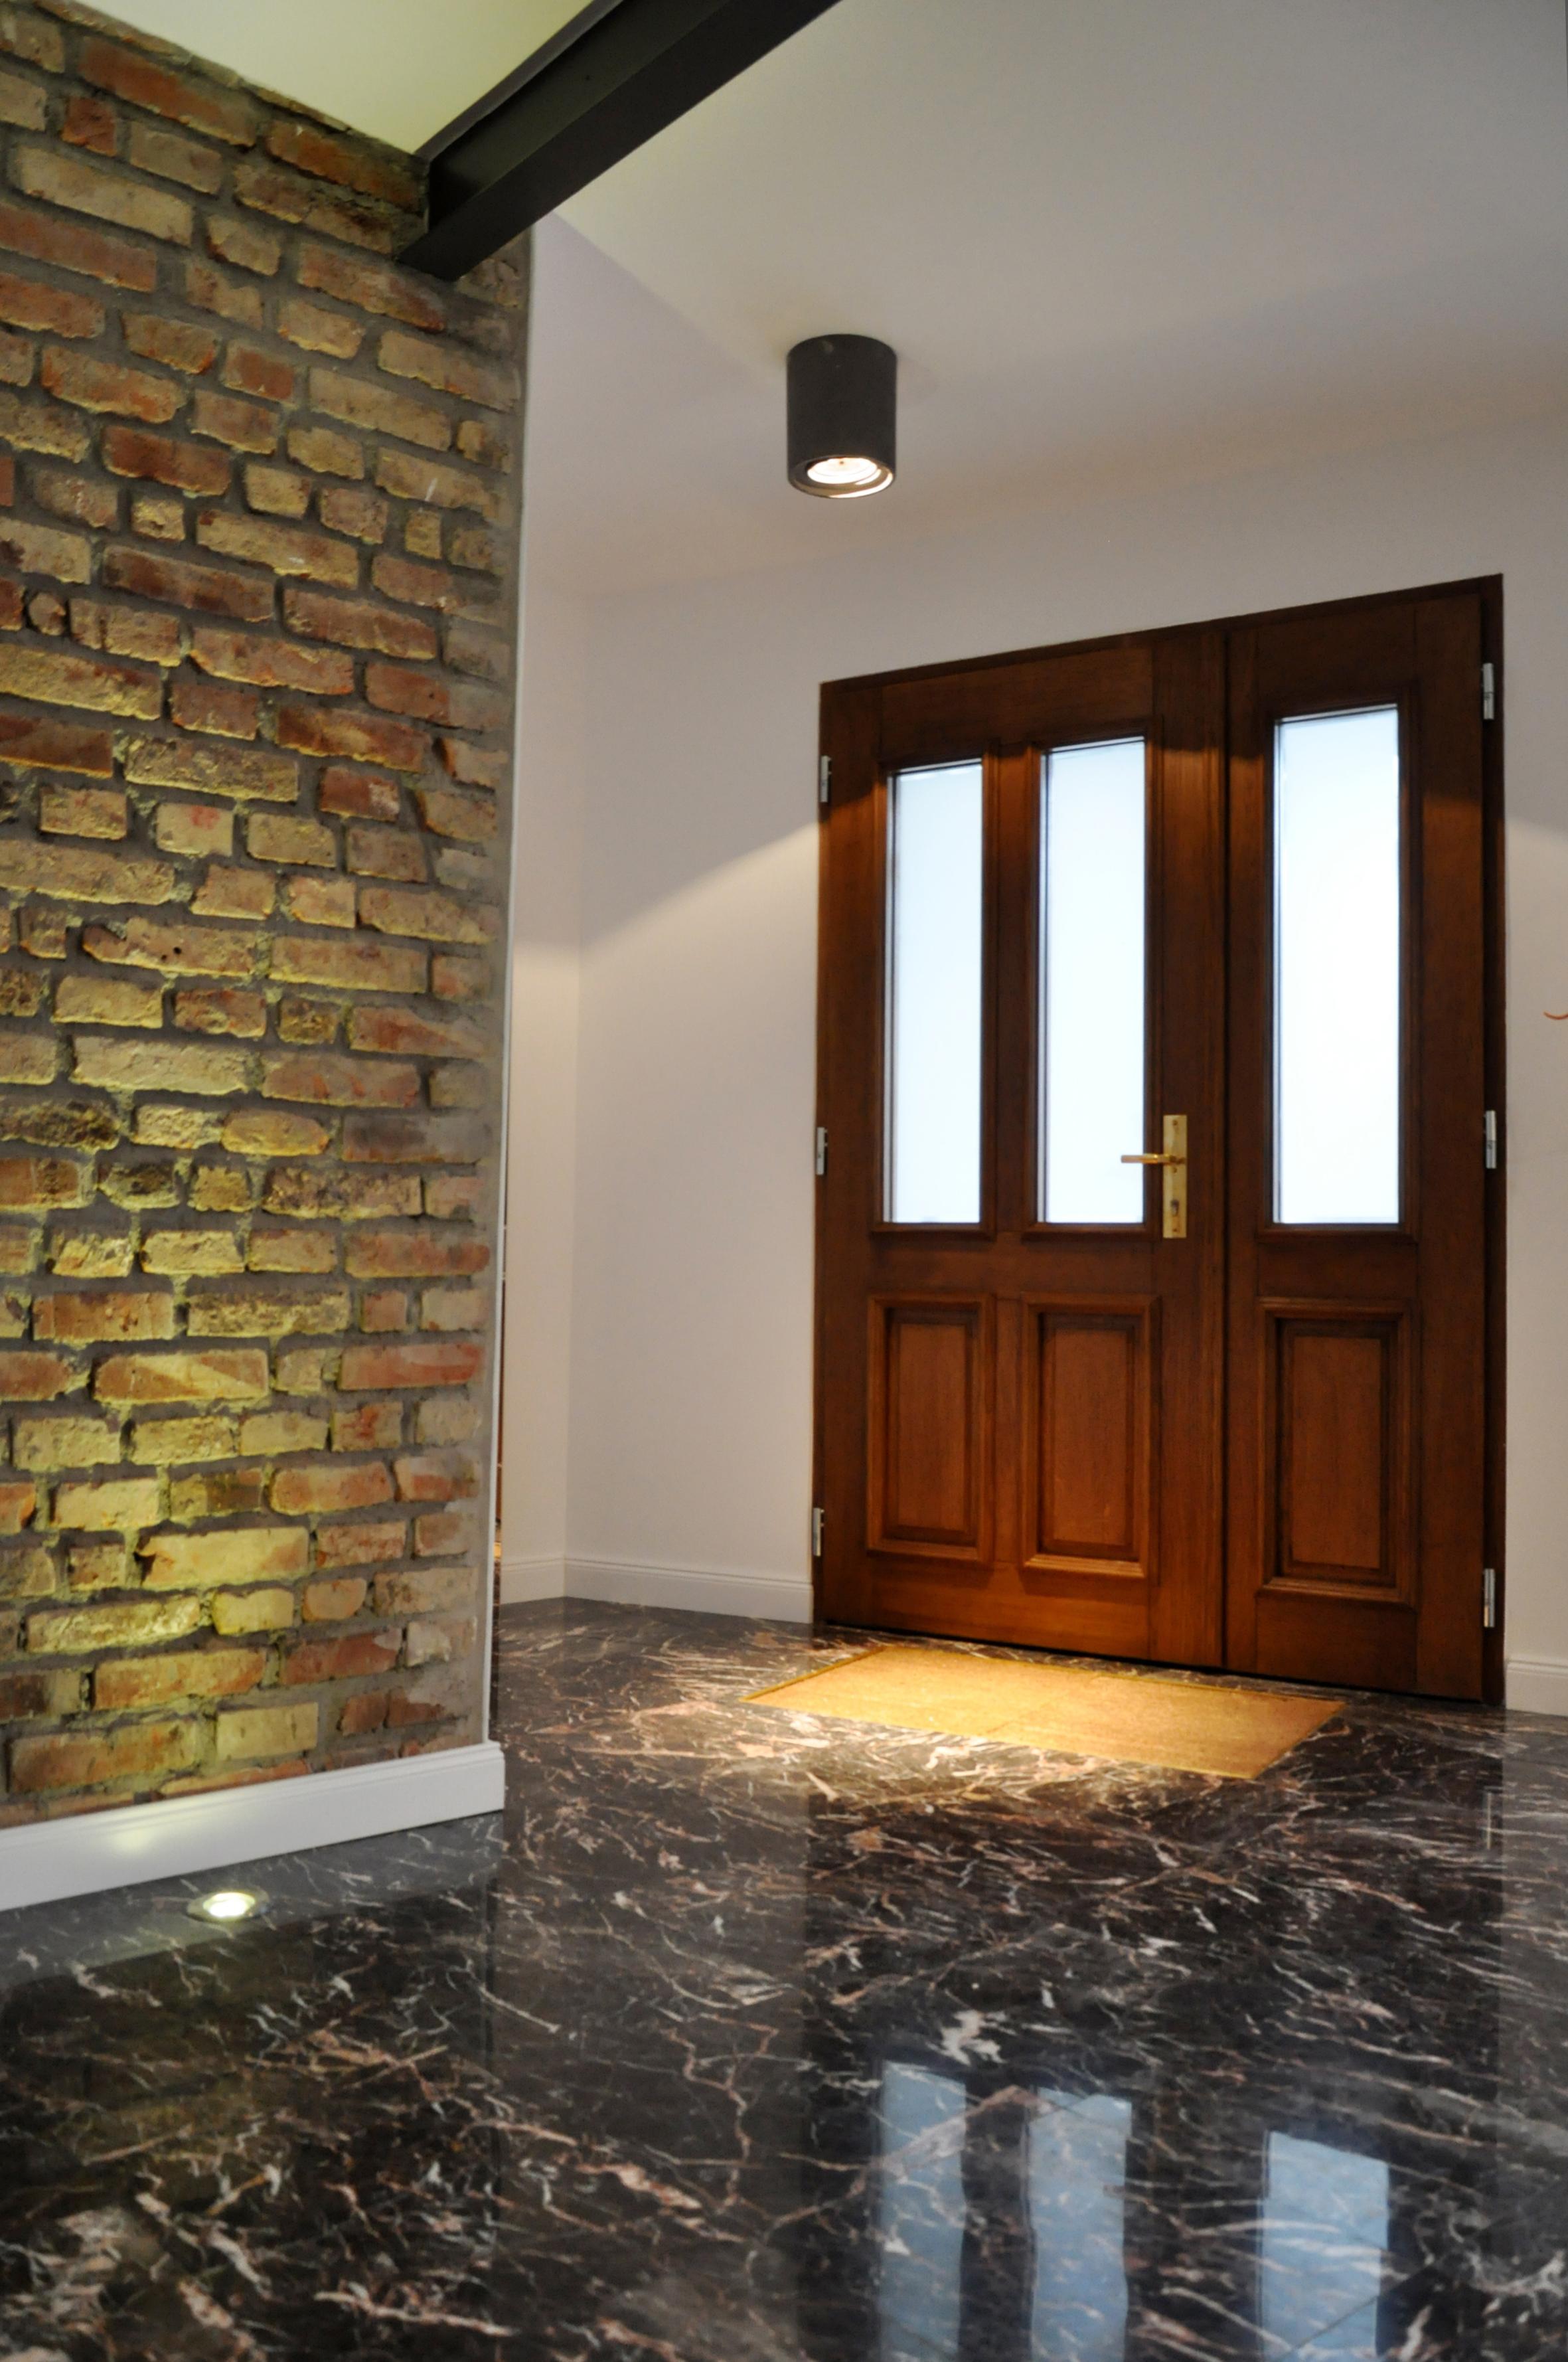 Eingang Im Industrial Glamour 130m2 Loft Im Stil Der 20er Jahre Zu Mieten  #loft #